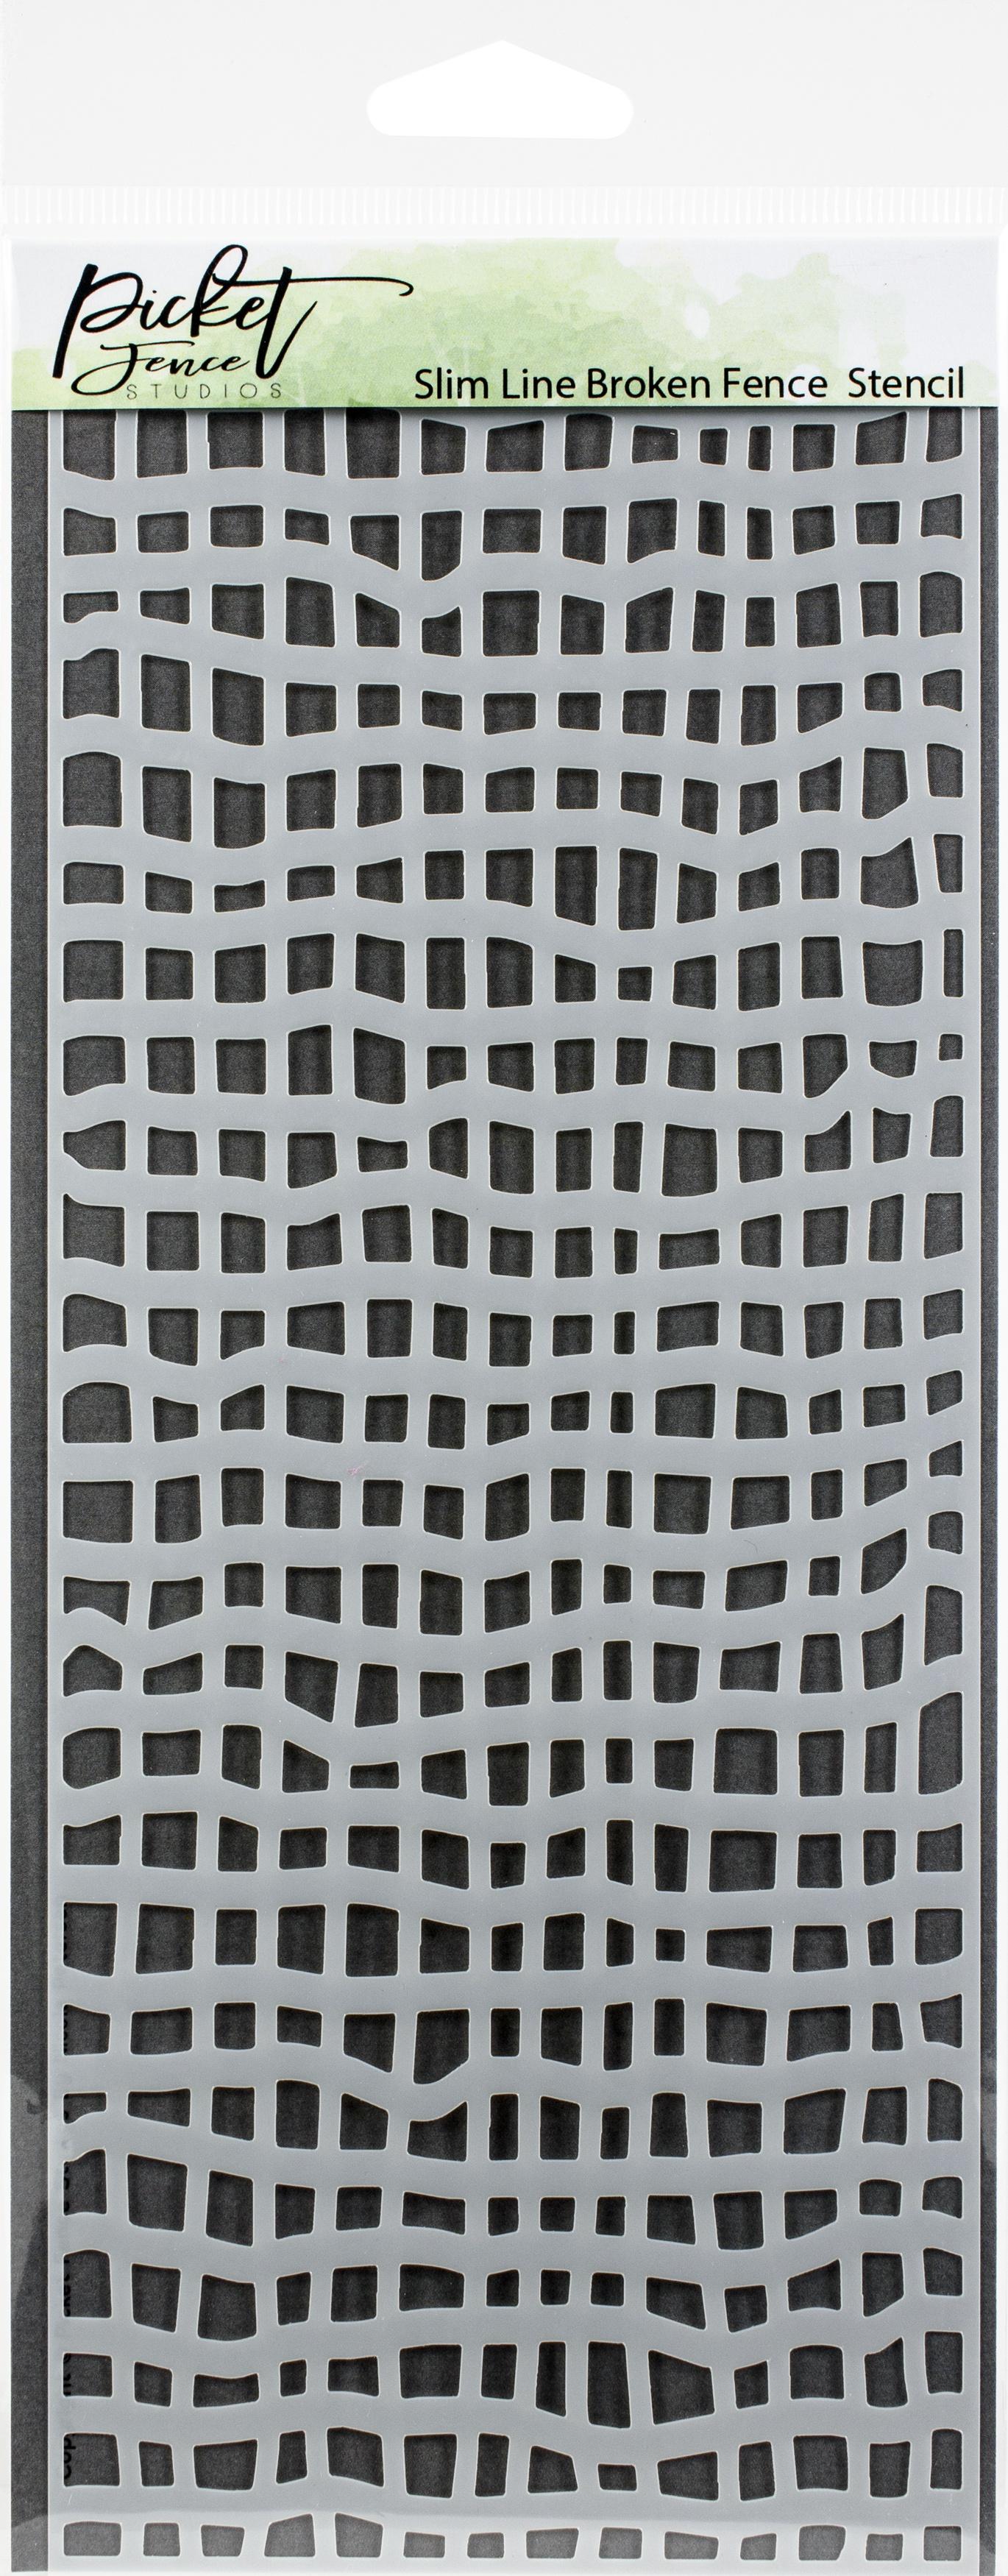 Picket Fence Studios Stencil 4X8-Slim Line Broken Fence